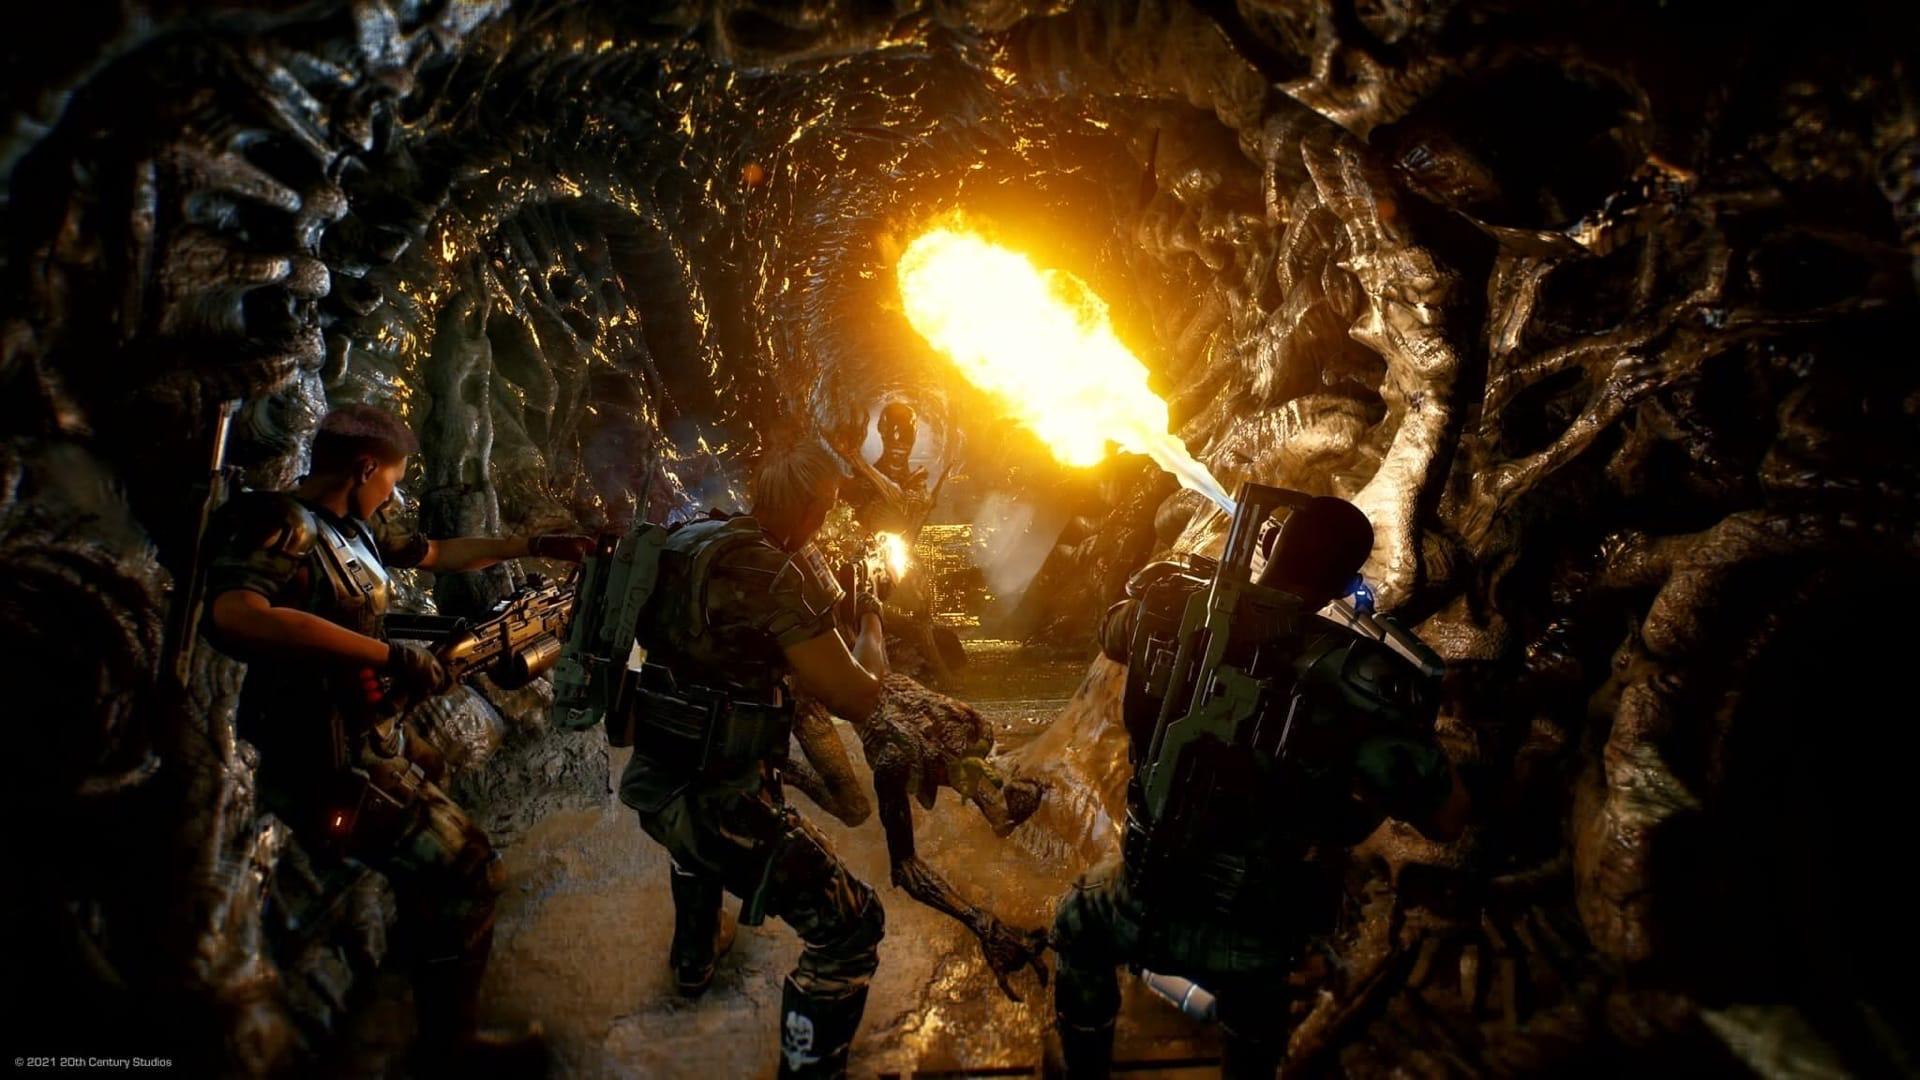 Появился геймплей игры  «Чужой» - Aliens: Fireteam. Выход скоро